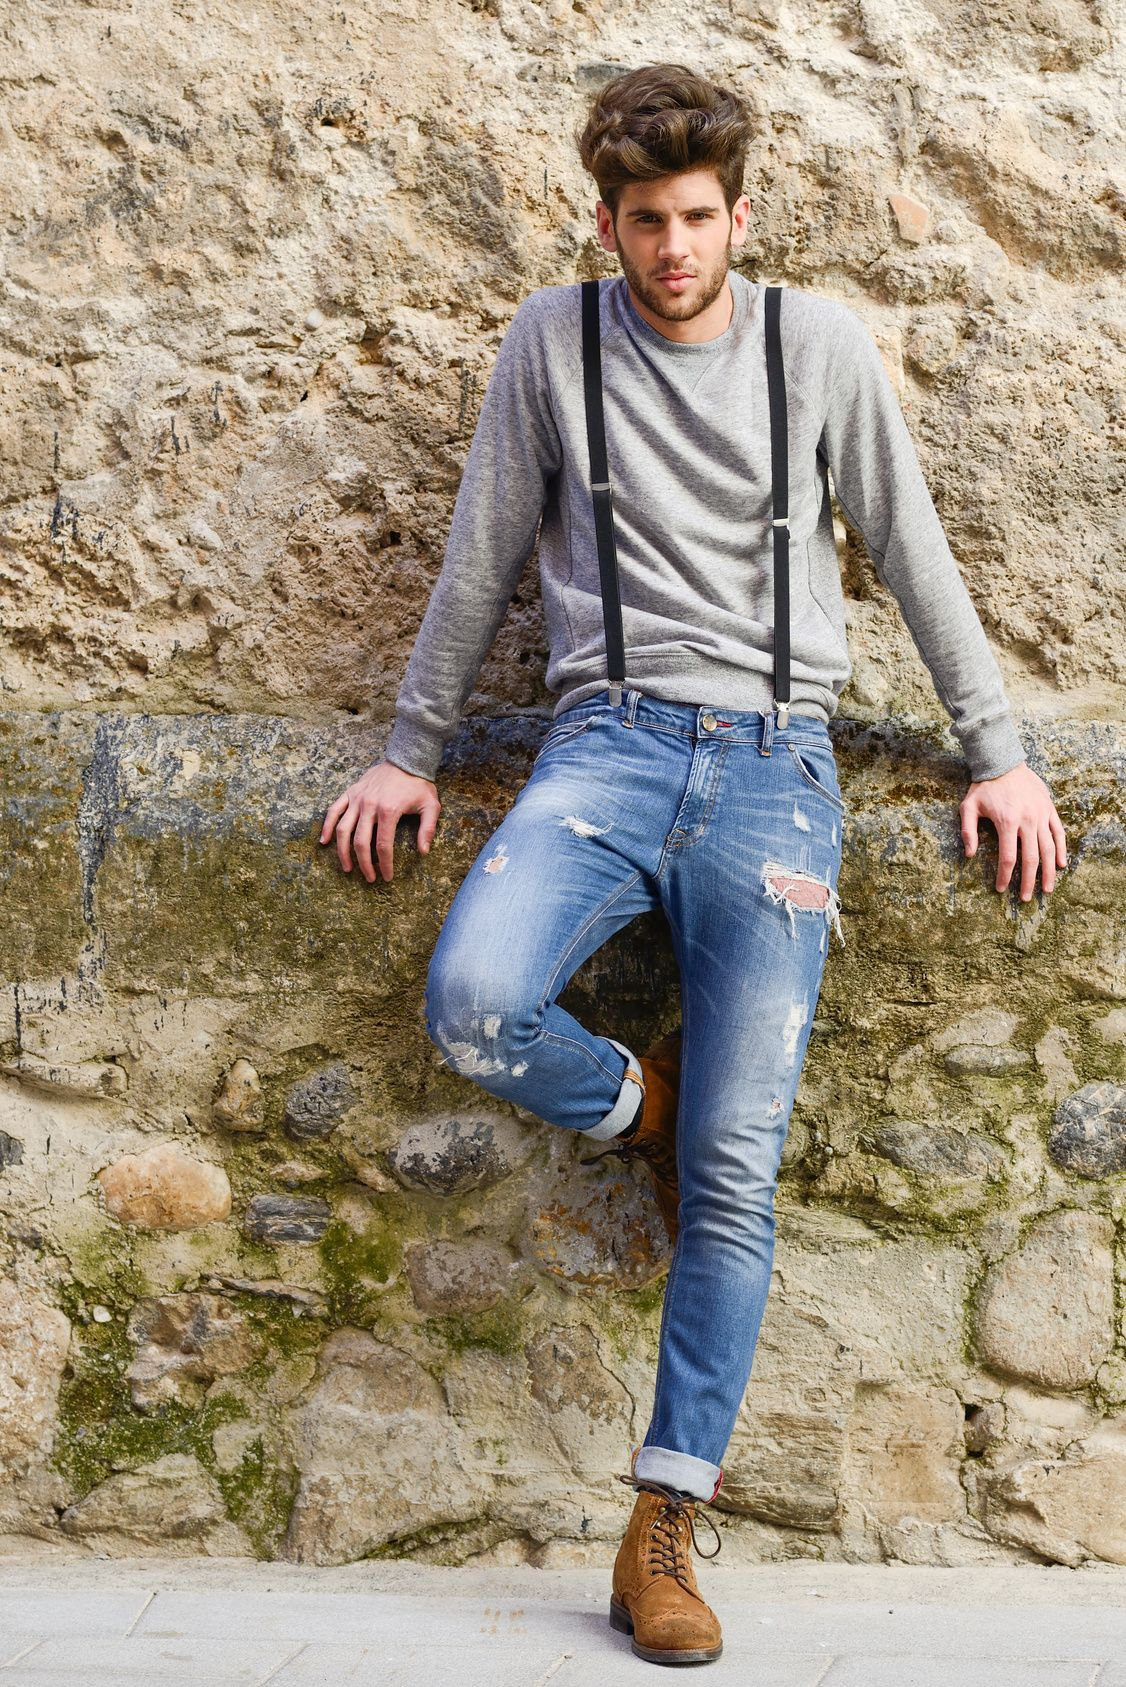 Top 7 áo nam phối cùng với quần jeans rách Top-7-ao-nam-phoi-cung-voi-quan-jeans-rach-tao-phong-cach-dan-choi-1-2